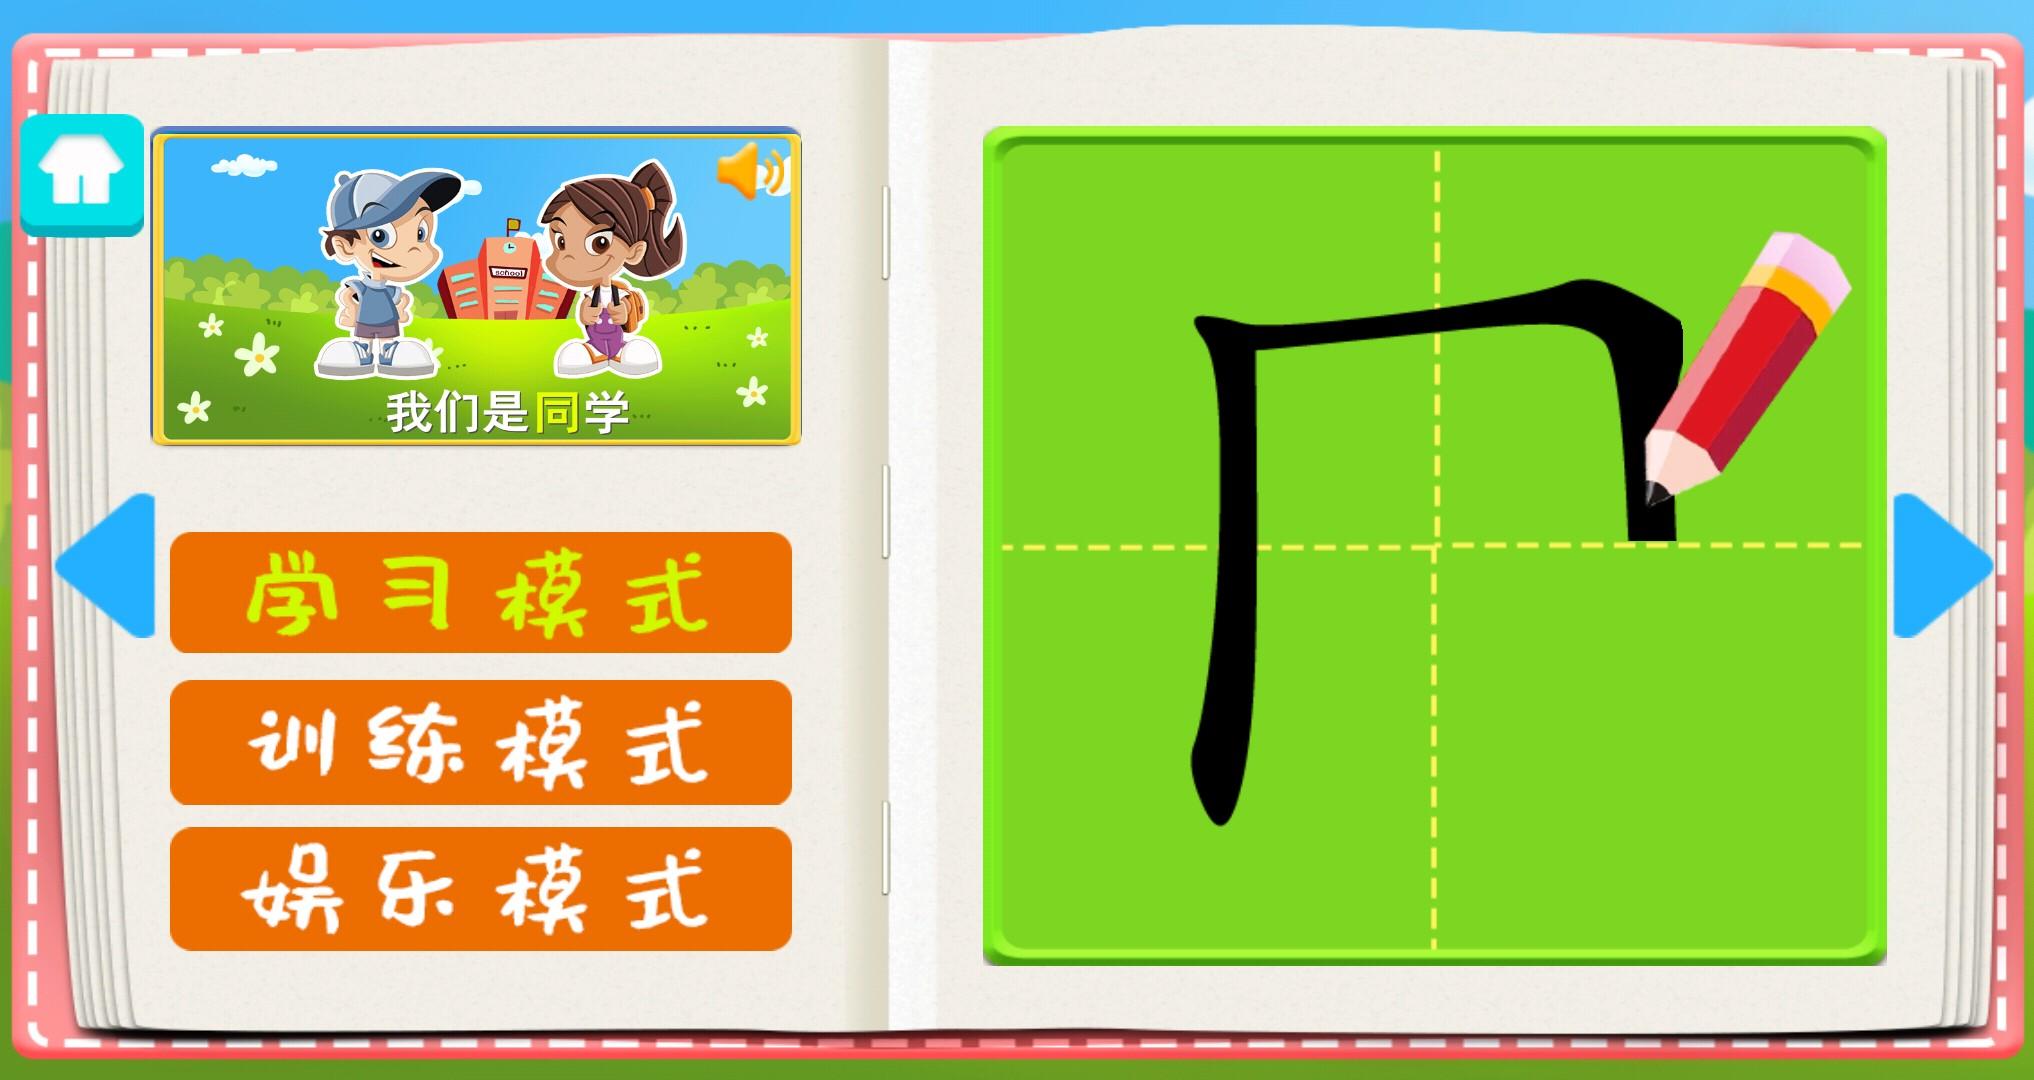 【分享】儿童识字认字v1.86.00-爱小助